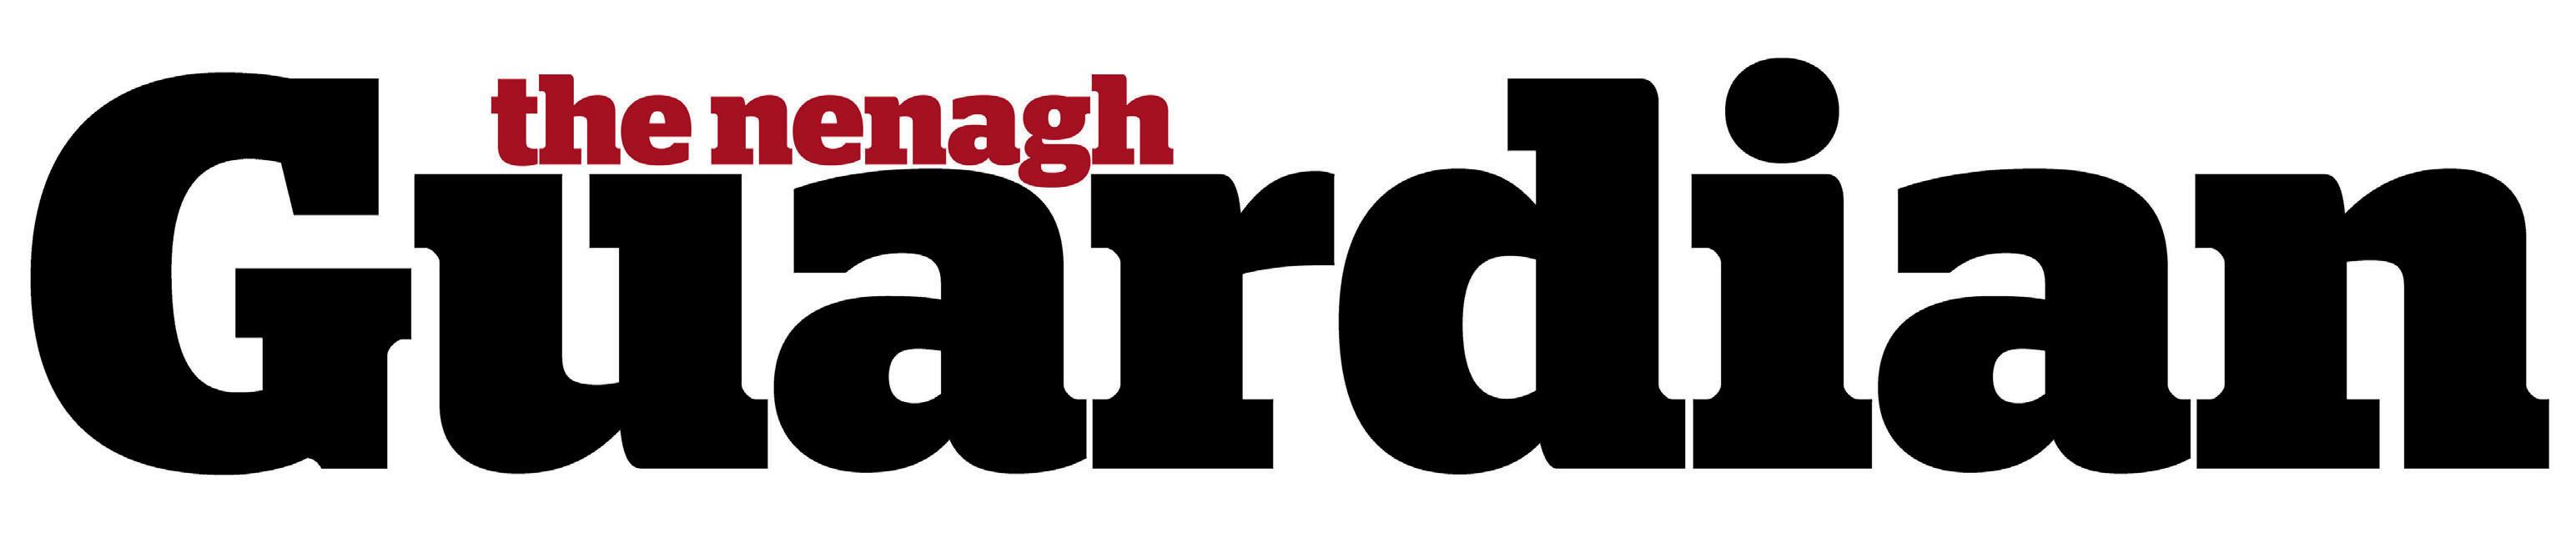 Nenagh Guardian logo